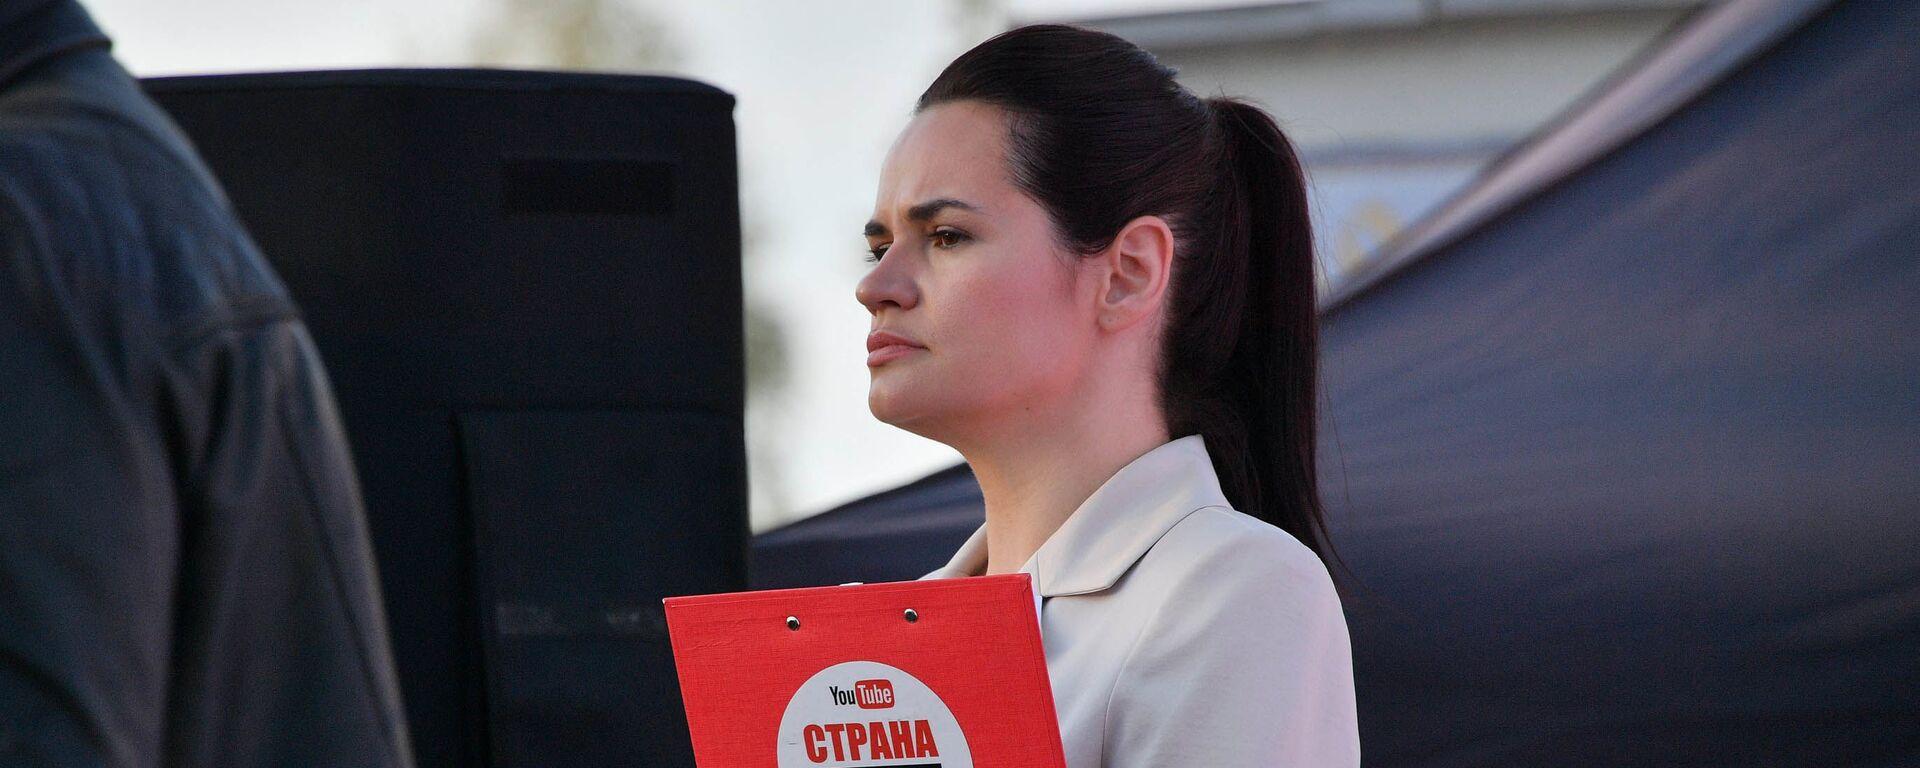 Экс-кандидат в президенты Беларуси Светлана Тихановская - Sputnik Латвия, 1920, 05.07.2021